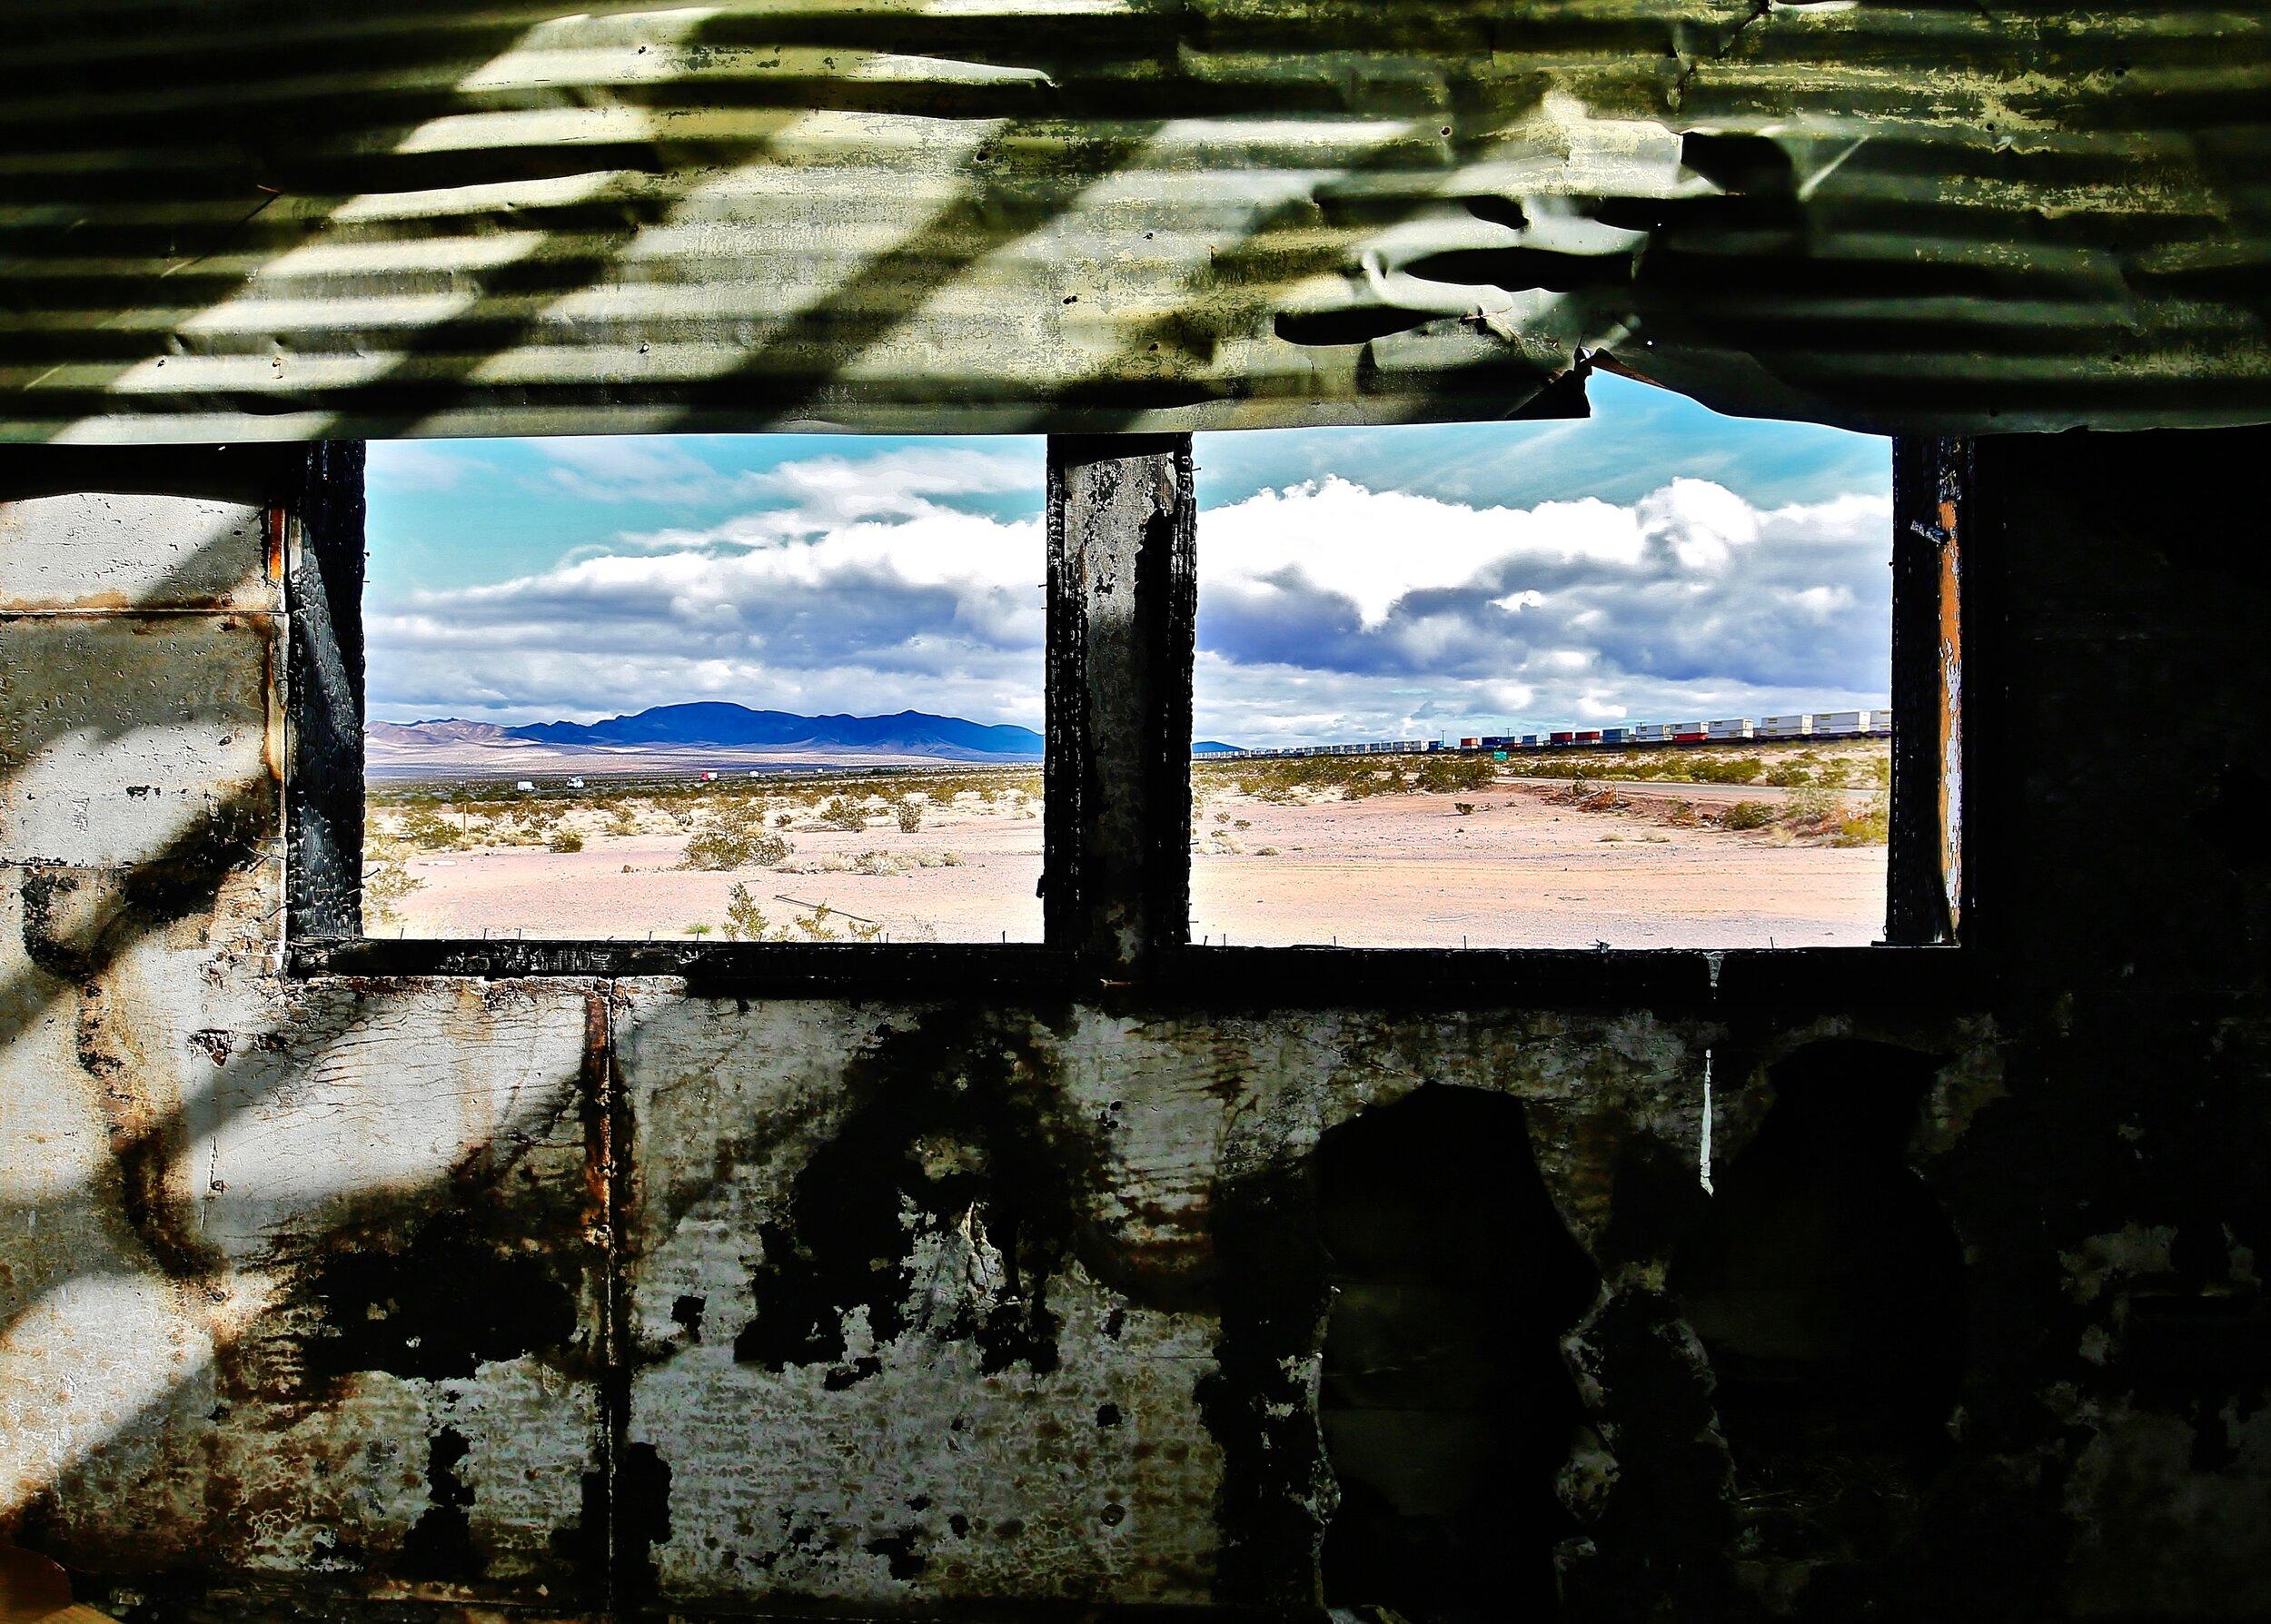 Mohave Desert, California - 2004